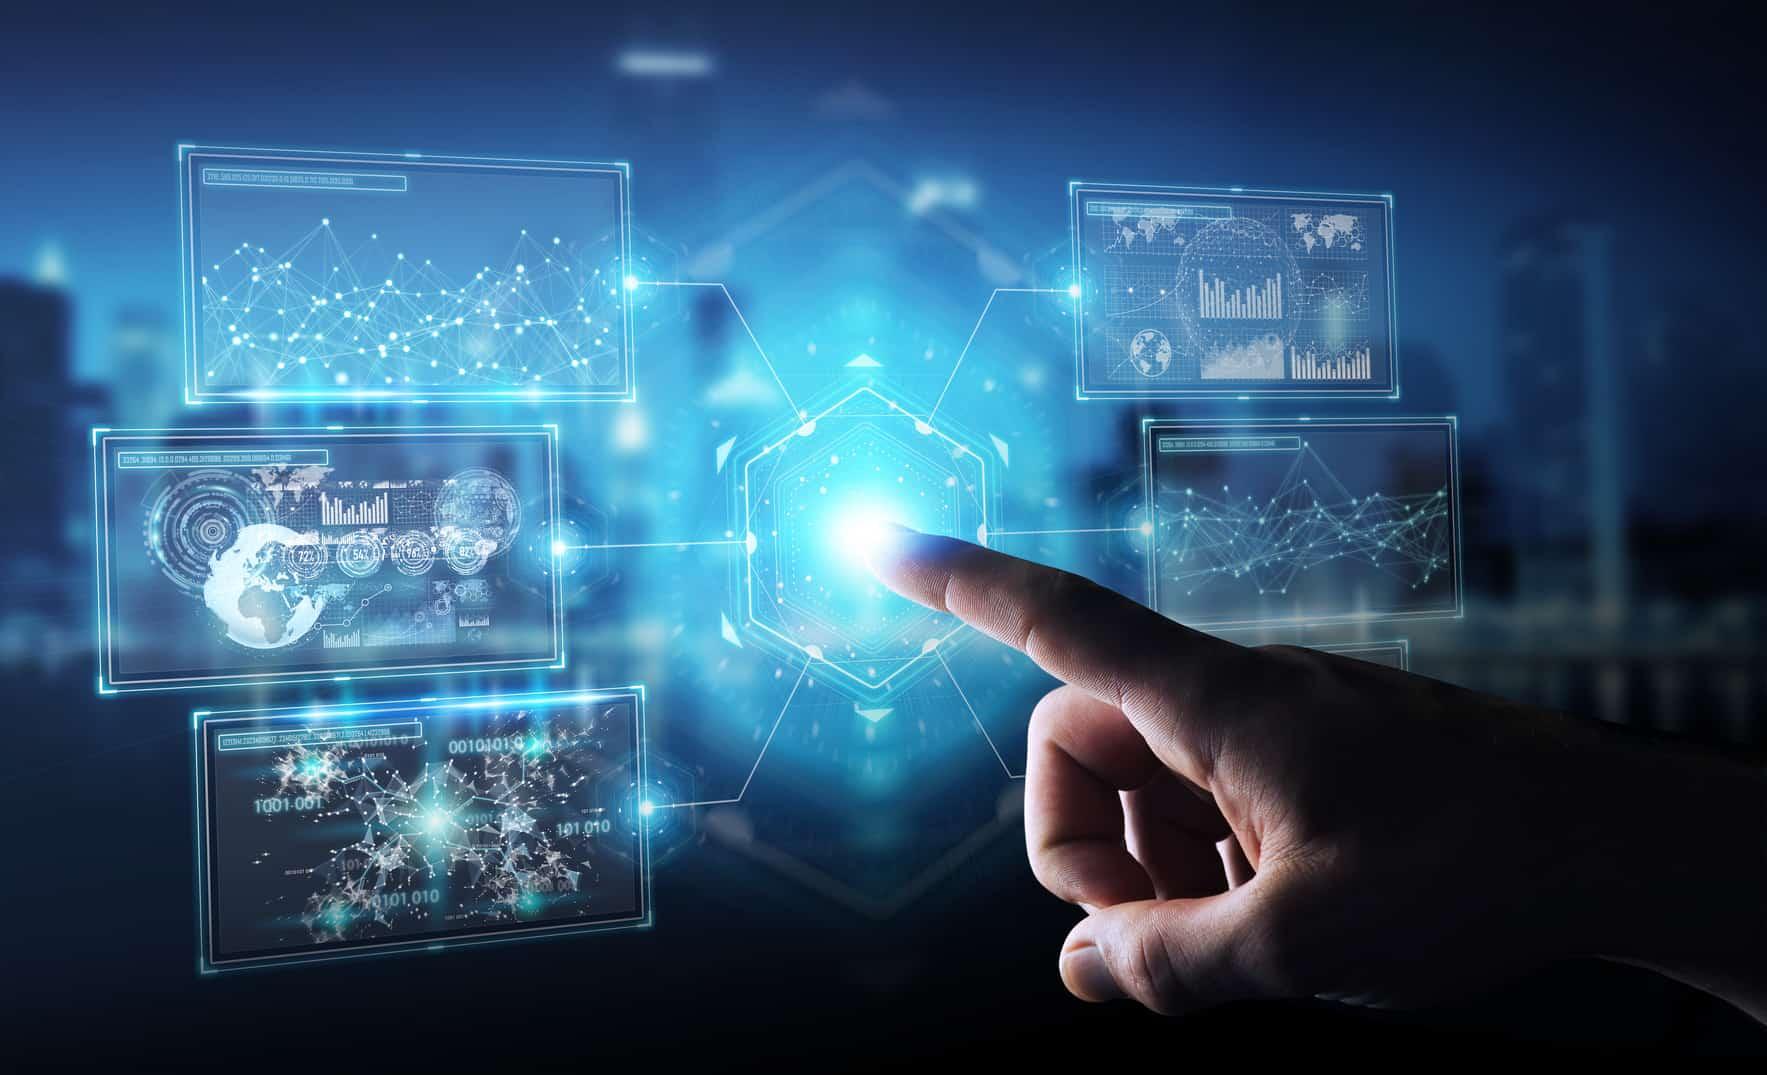 La asignación de presupuesto para la agenda digital es un elemento esencial para echar a andar losproyectos que requiere el país en materia de tecnología, servicios y políticas públicas, una propuesta conjunta denominada 'ADN 18' que resulta de un ejercicio colectivo entre organismos, academia y expertos del sector telecomunicaciones.